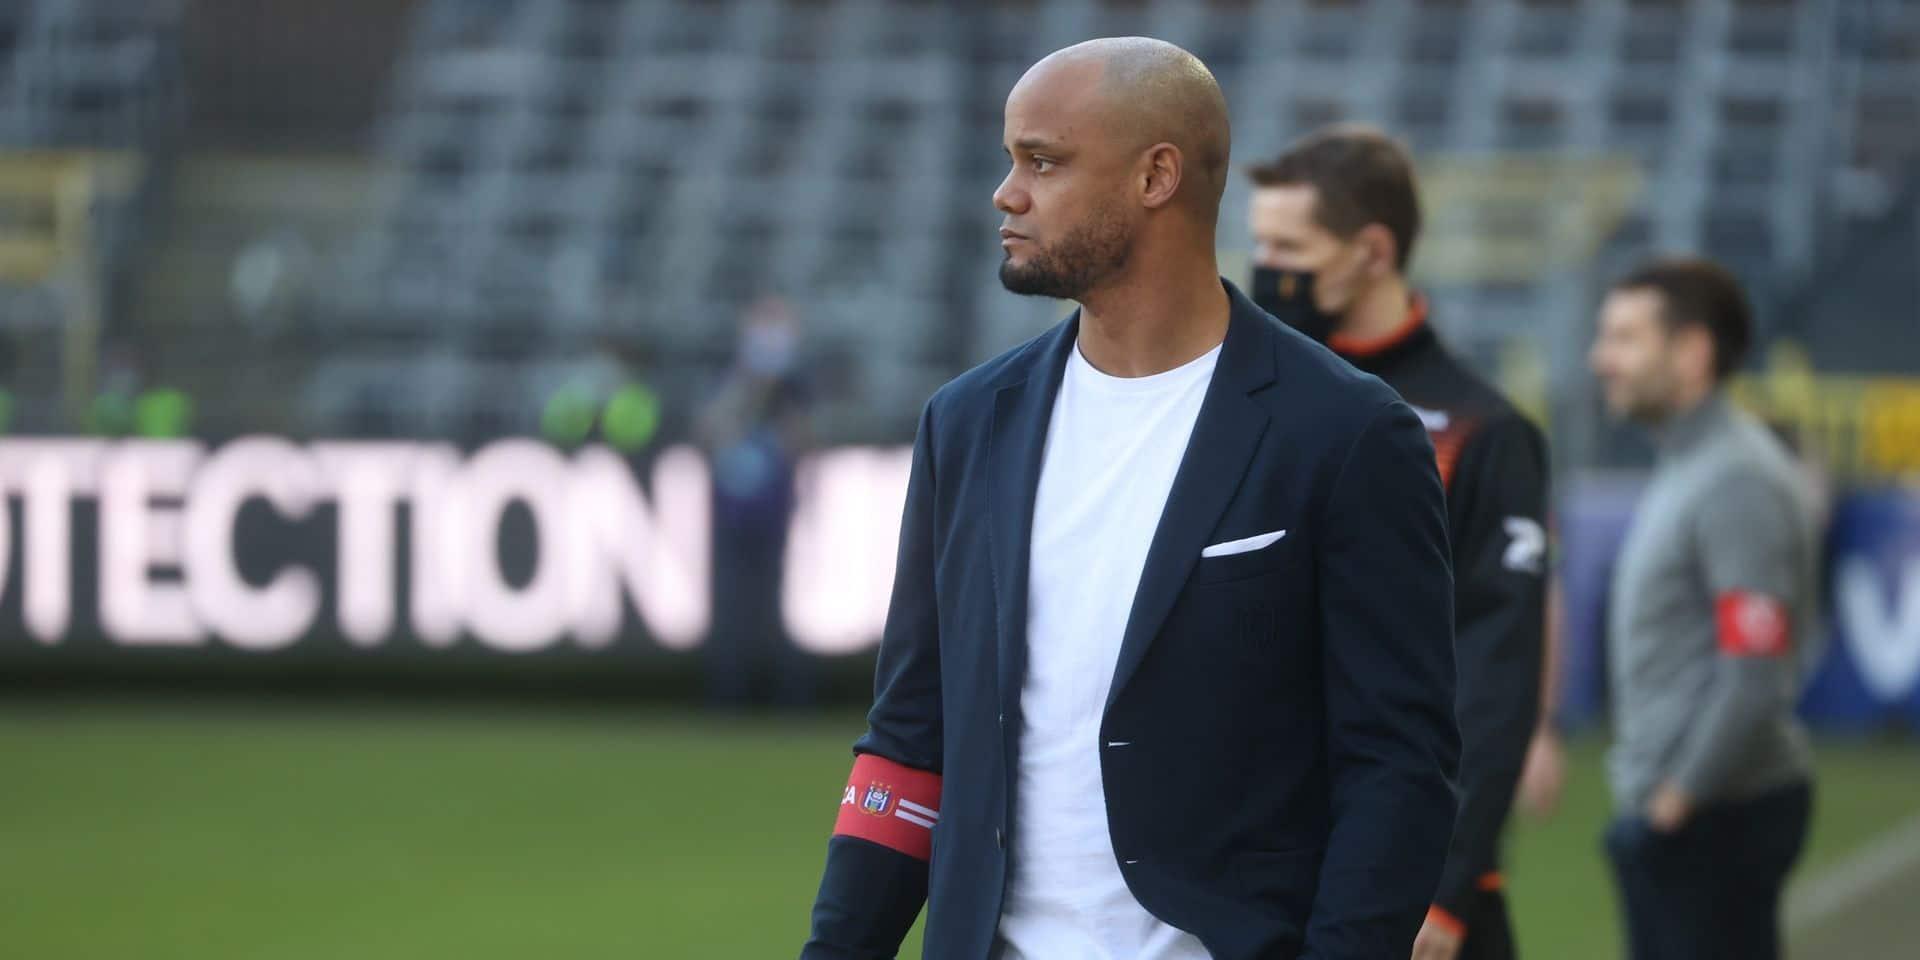 """""""On a joué avec la peur aujourd'hui"""": les réactions après Anderlecht-Courtrai"""